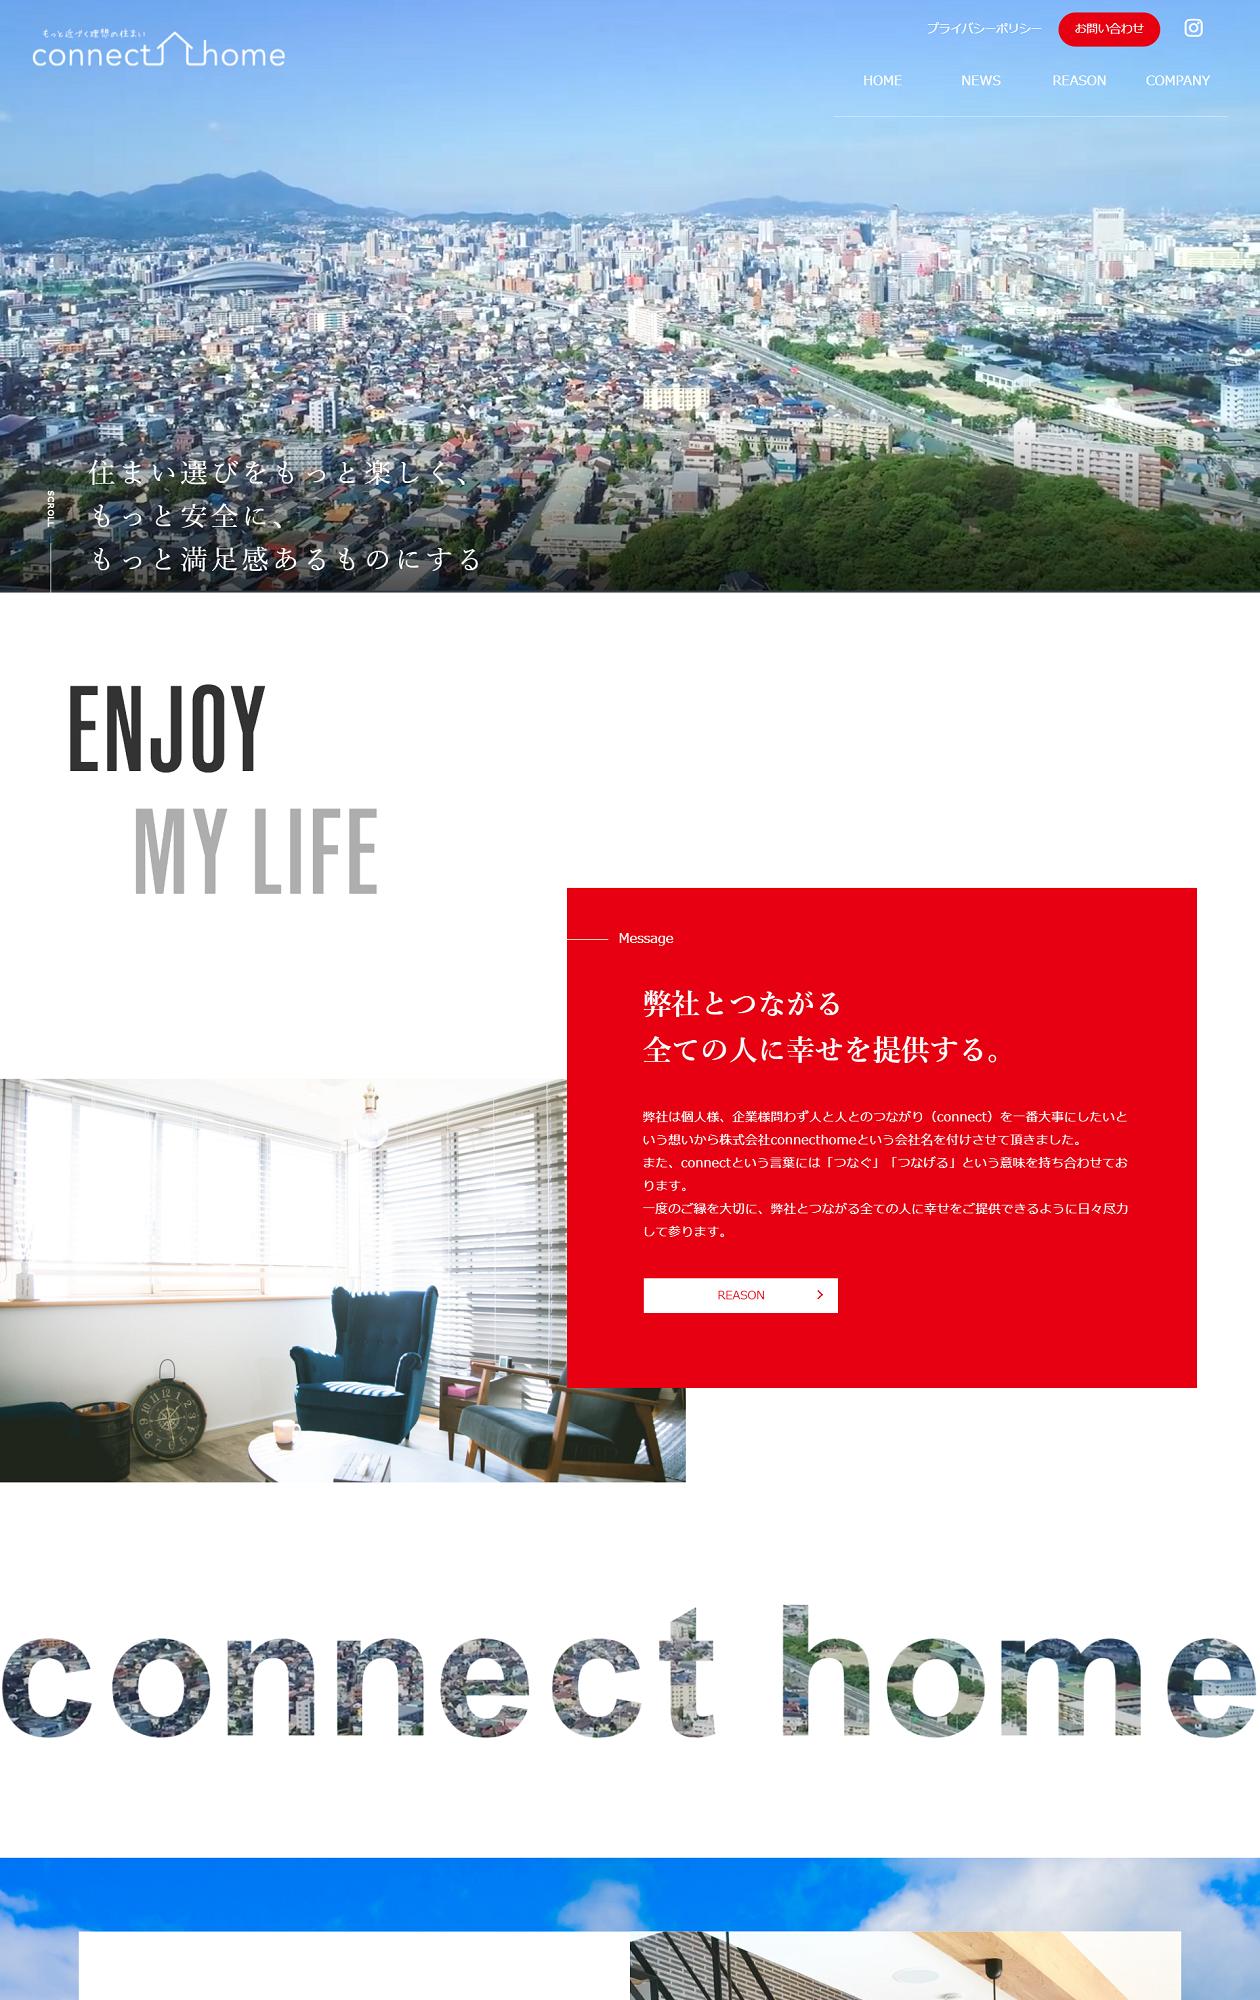 株式会社connecthome ホームページ